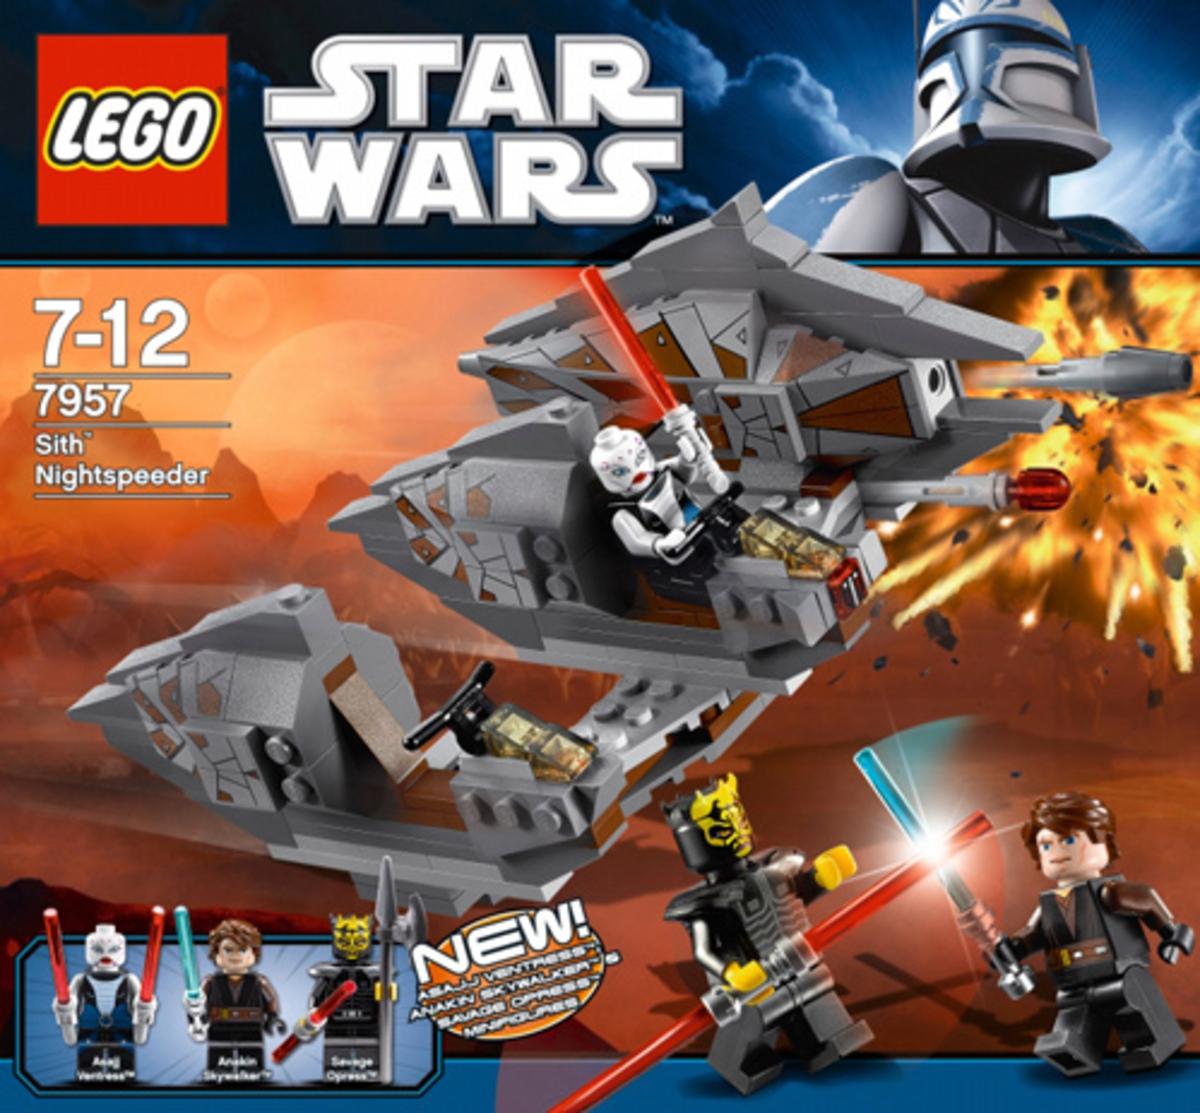 LEGO Star Wars Sith Nightspeeder 7957 Box